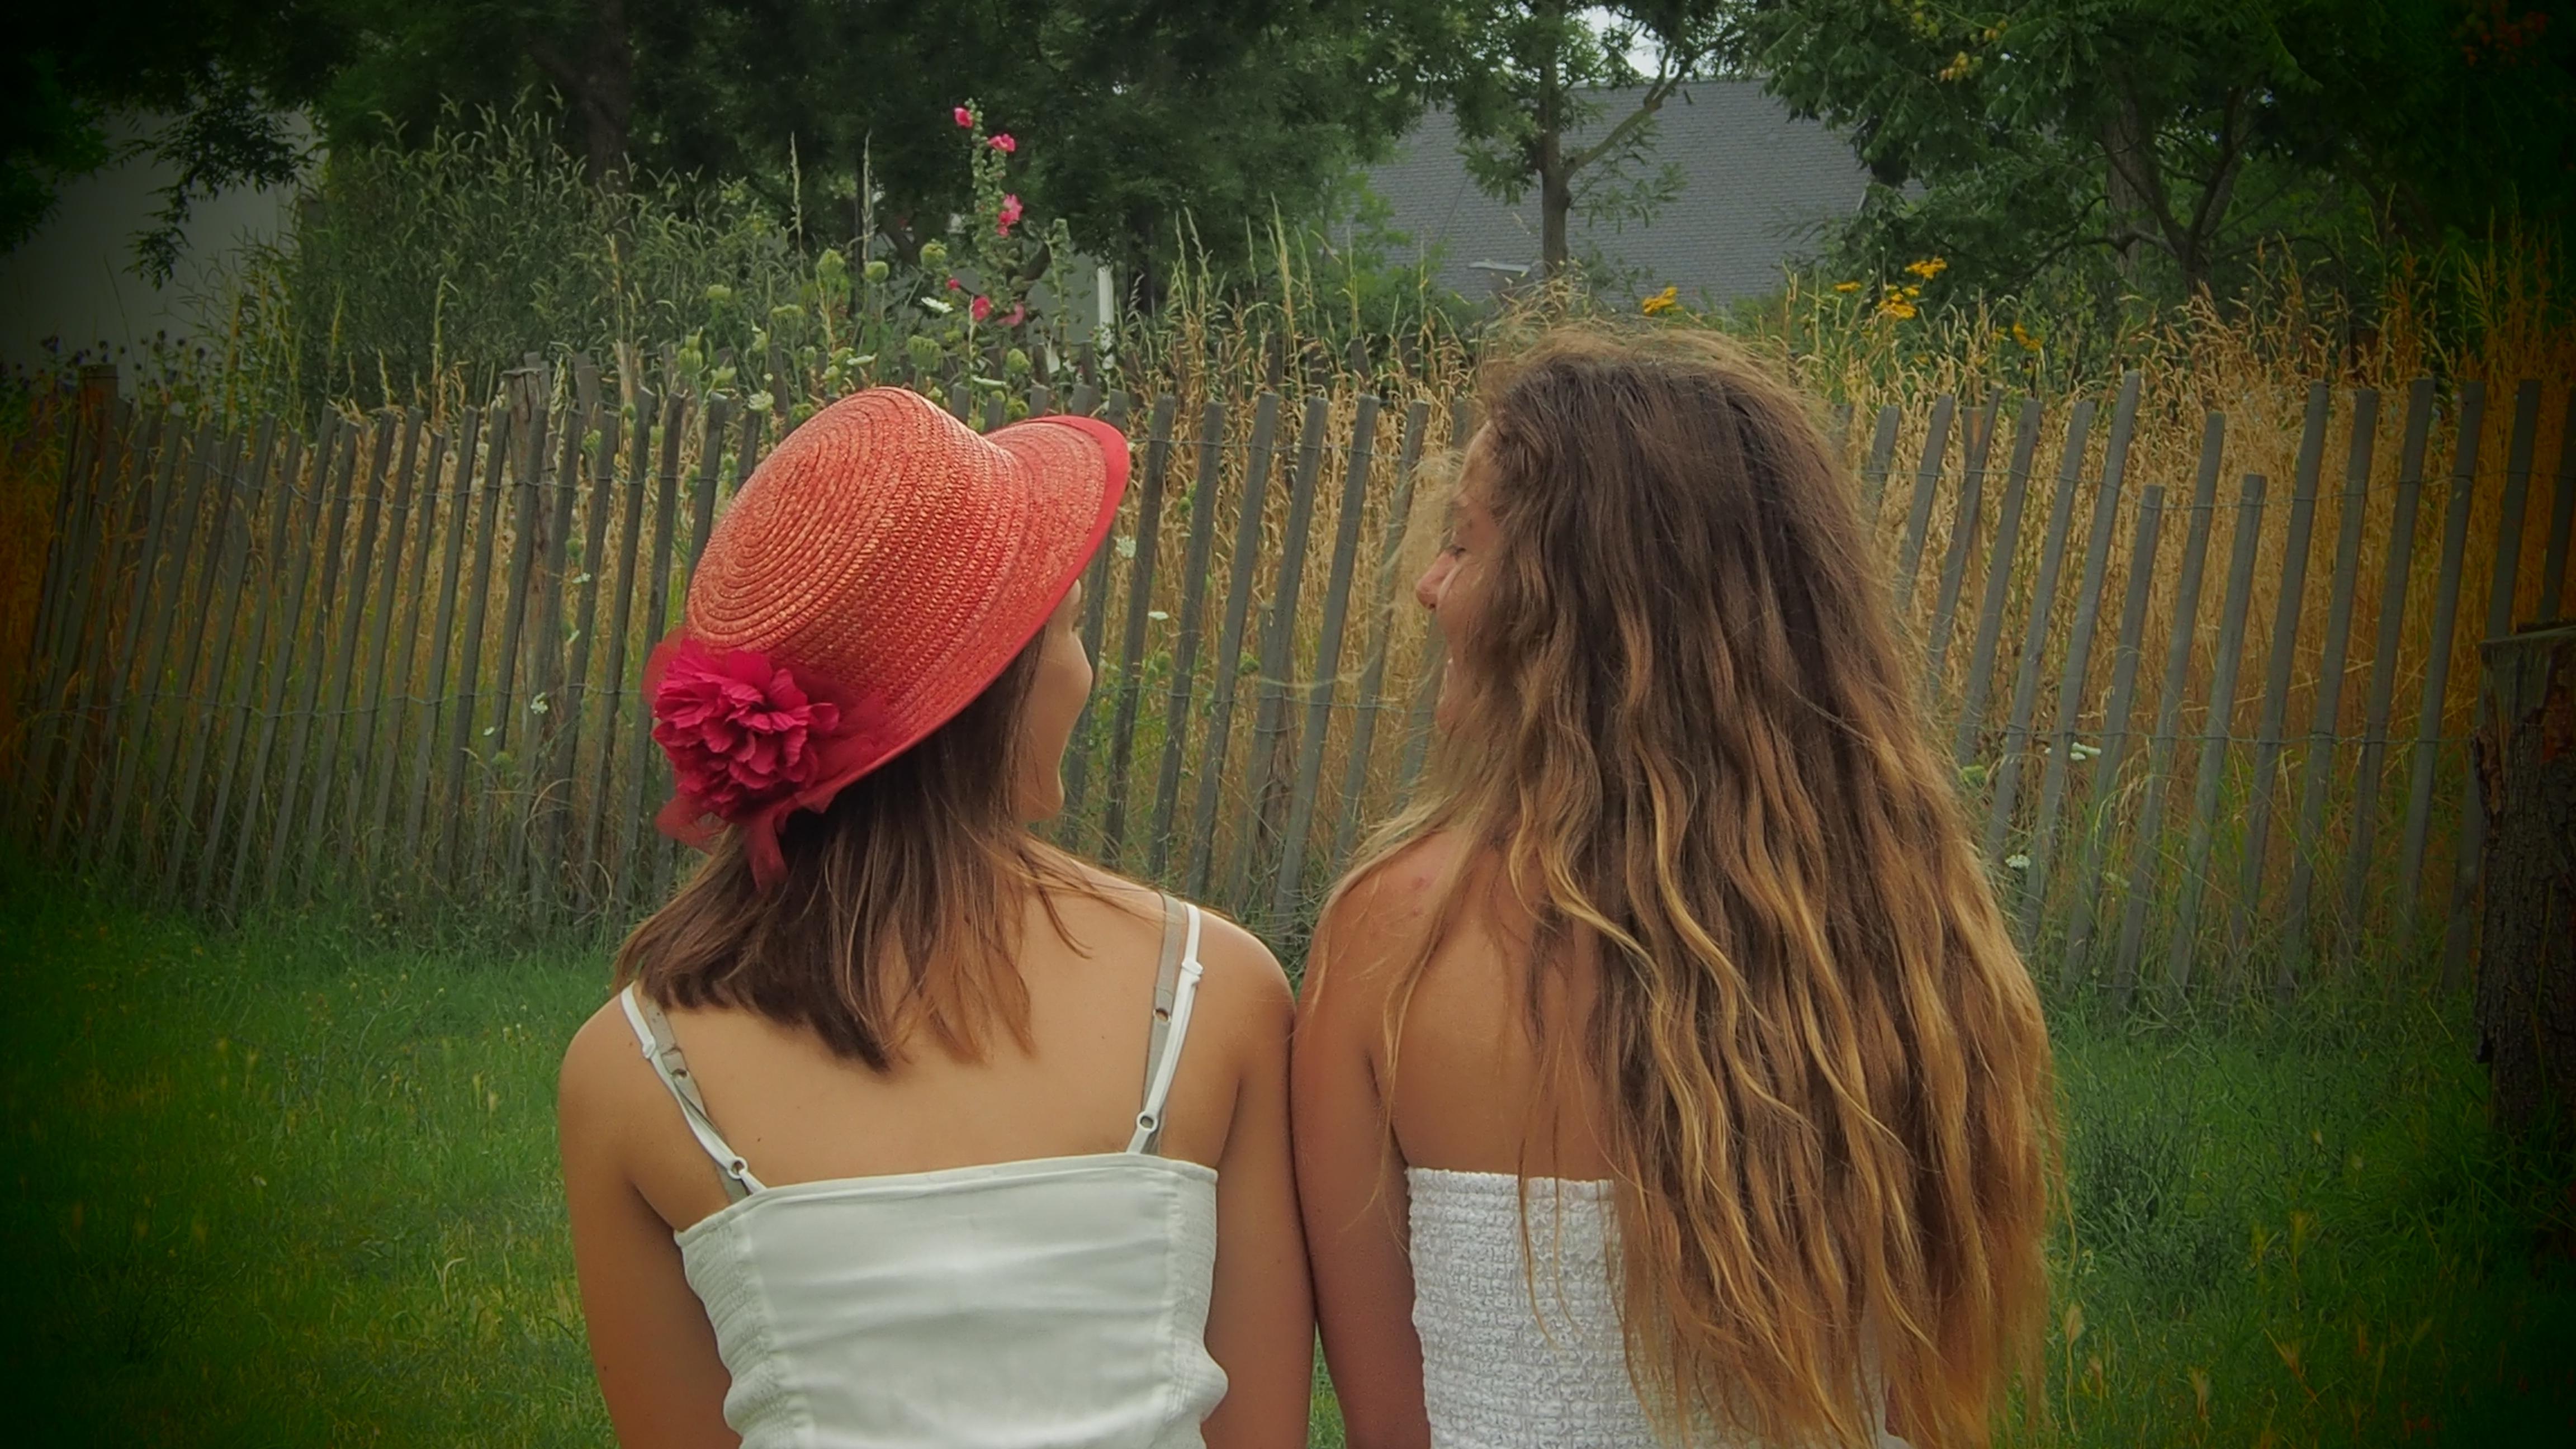 les jeunes filles 2